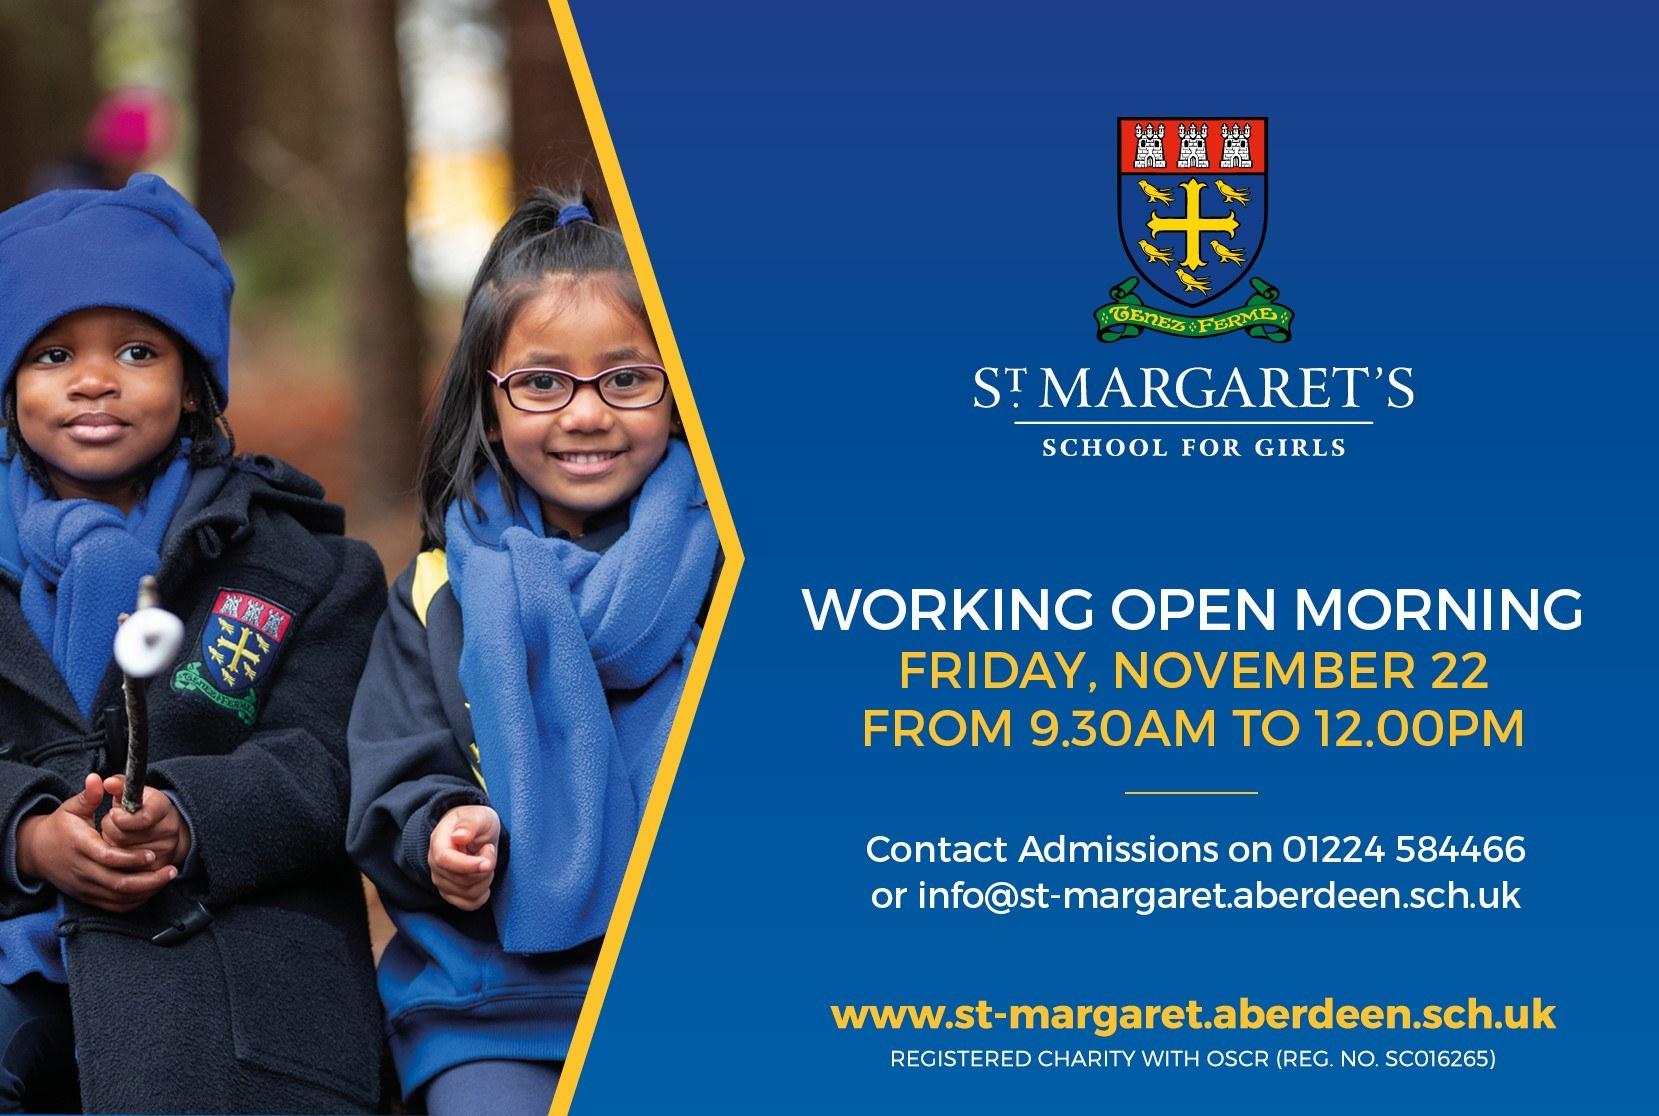 Working Open Morning - November 22